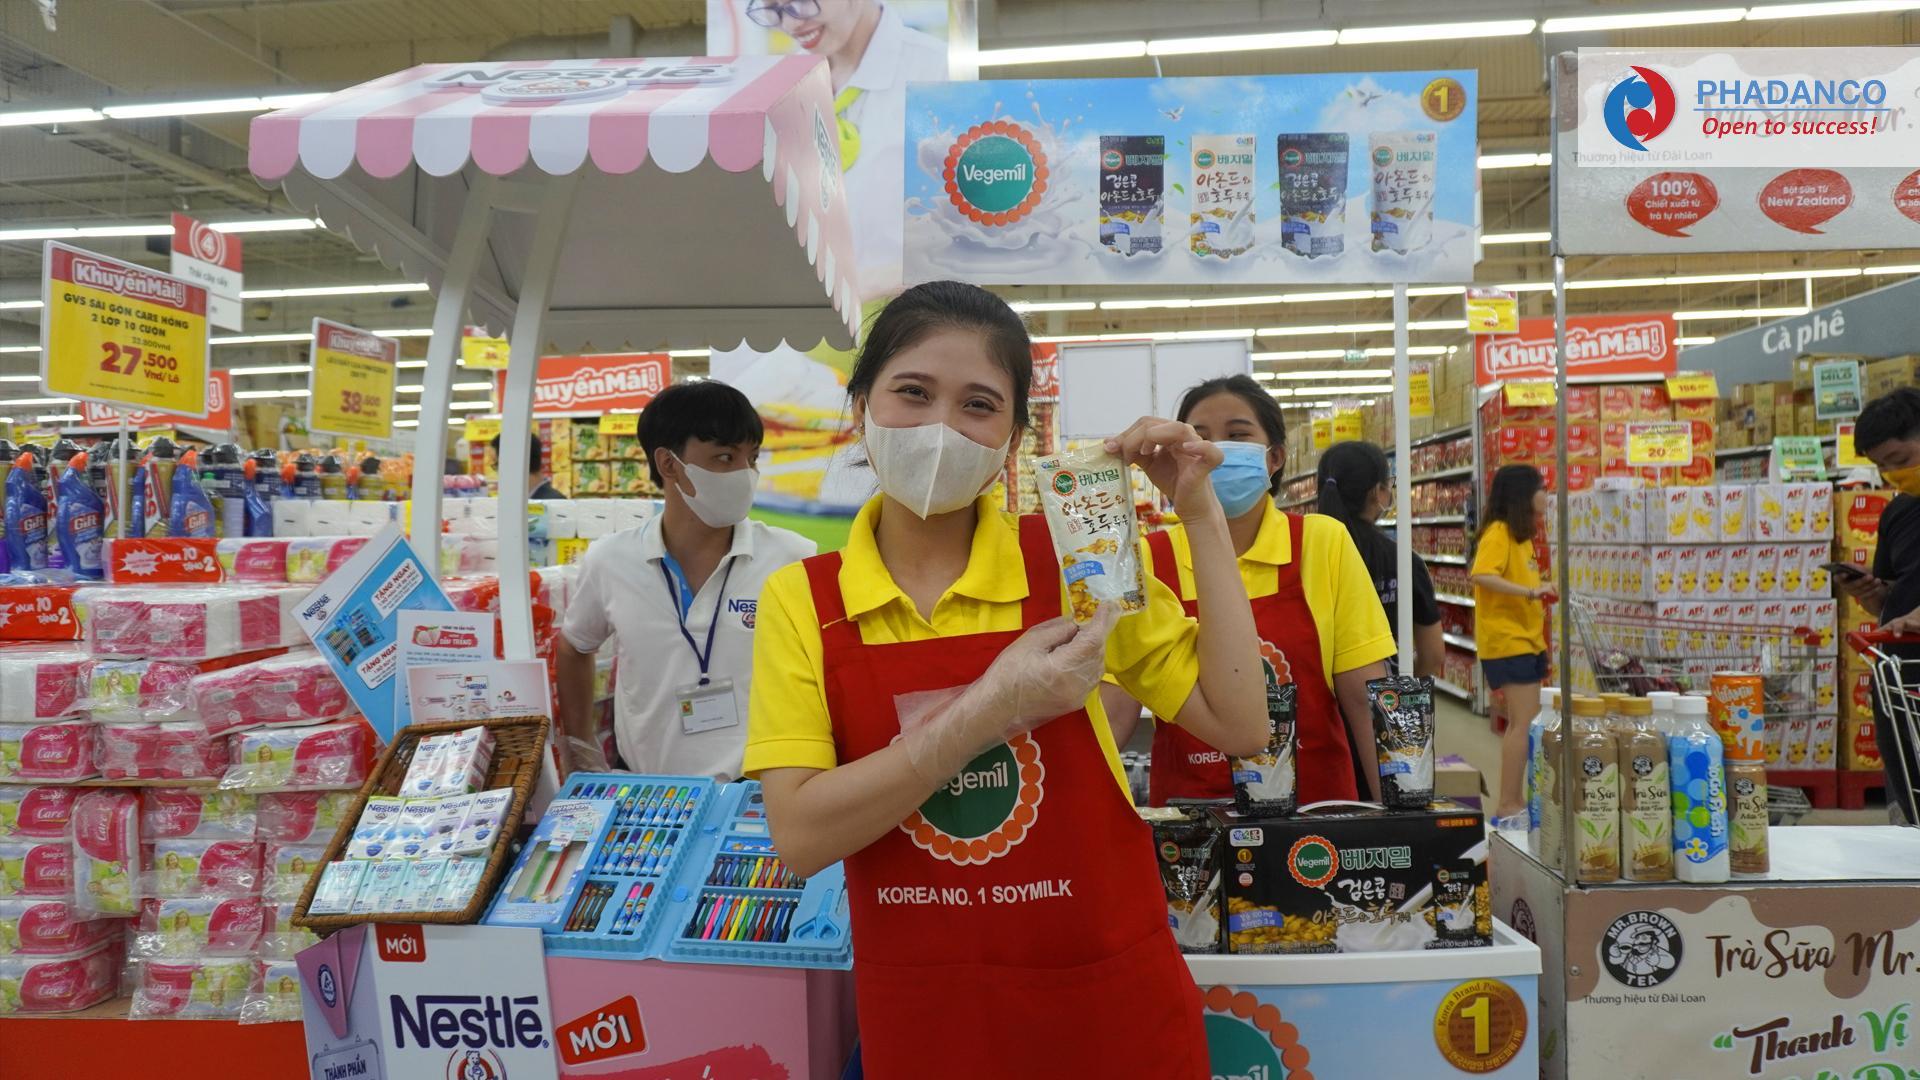 Nhân viên pg sampling sản phẩm của Truyền Thông Phan Đang đang làm nhiệm vụ tại siêu thị